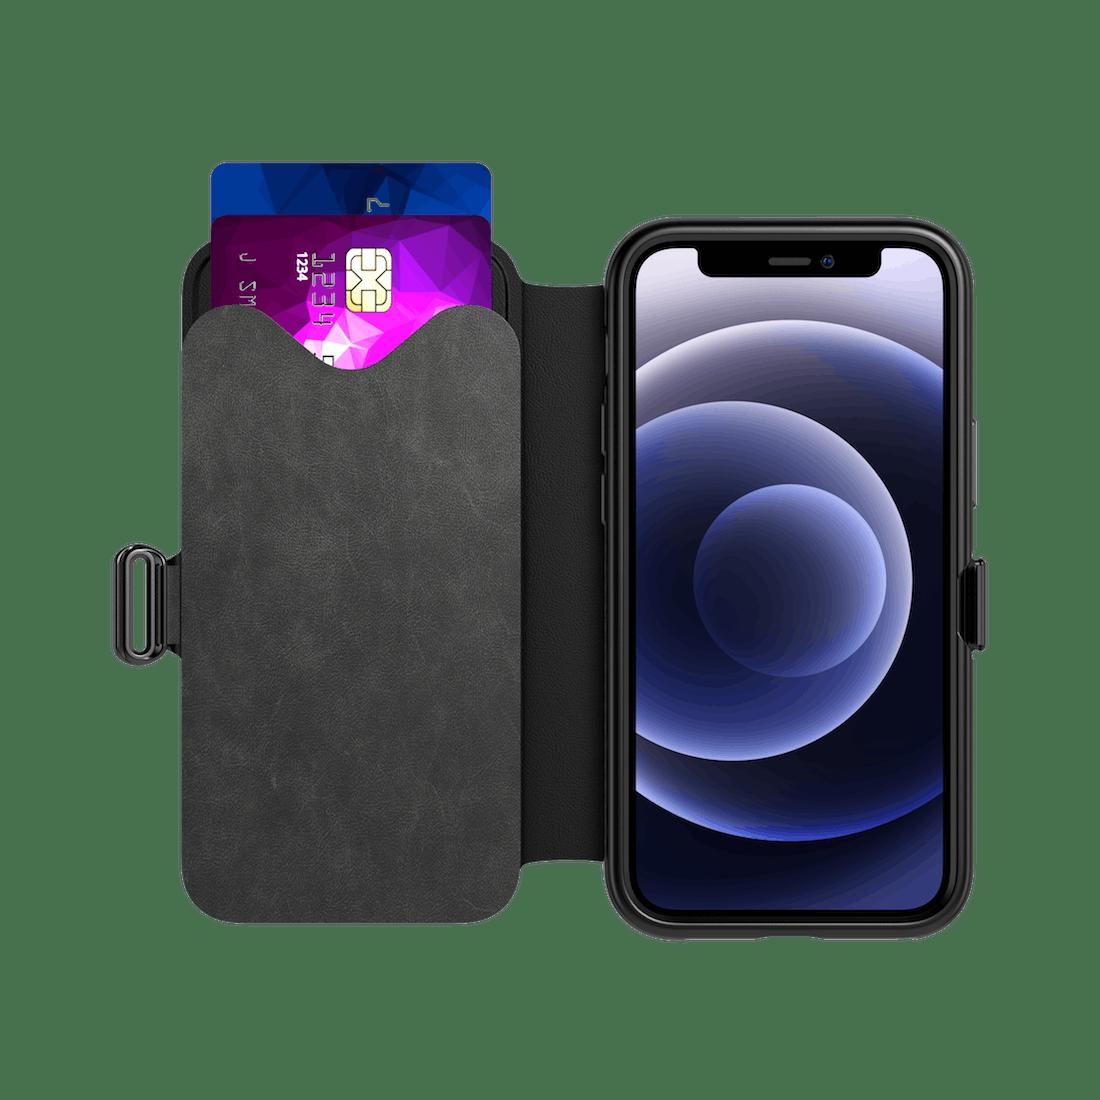 Tech21 iPhone 12 (Pro) Evo Wallet Case Smokey Black